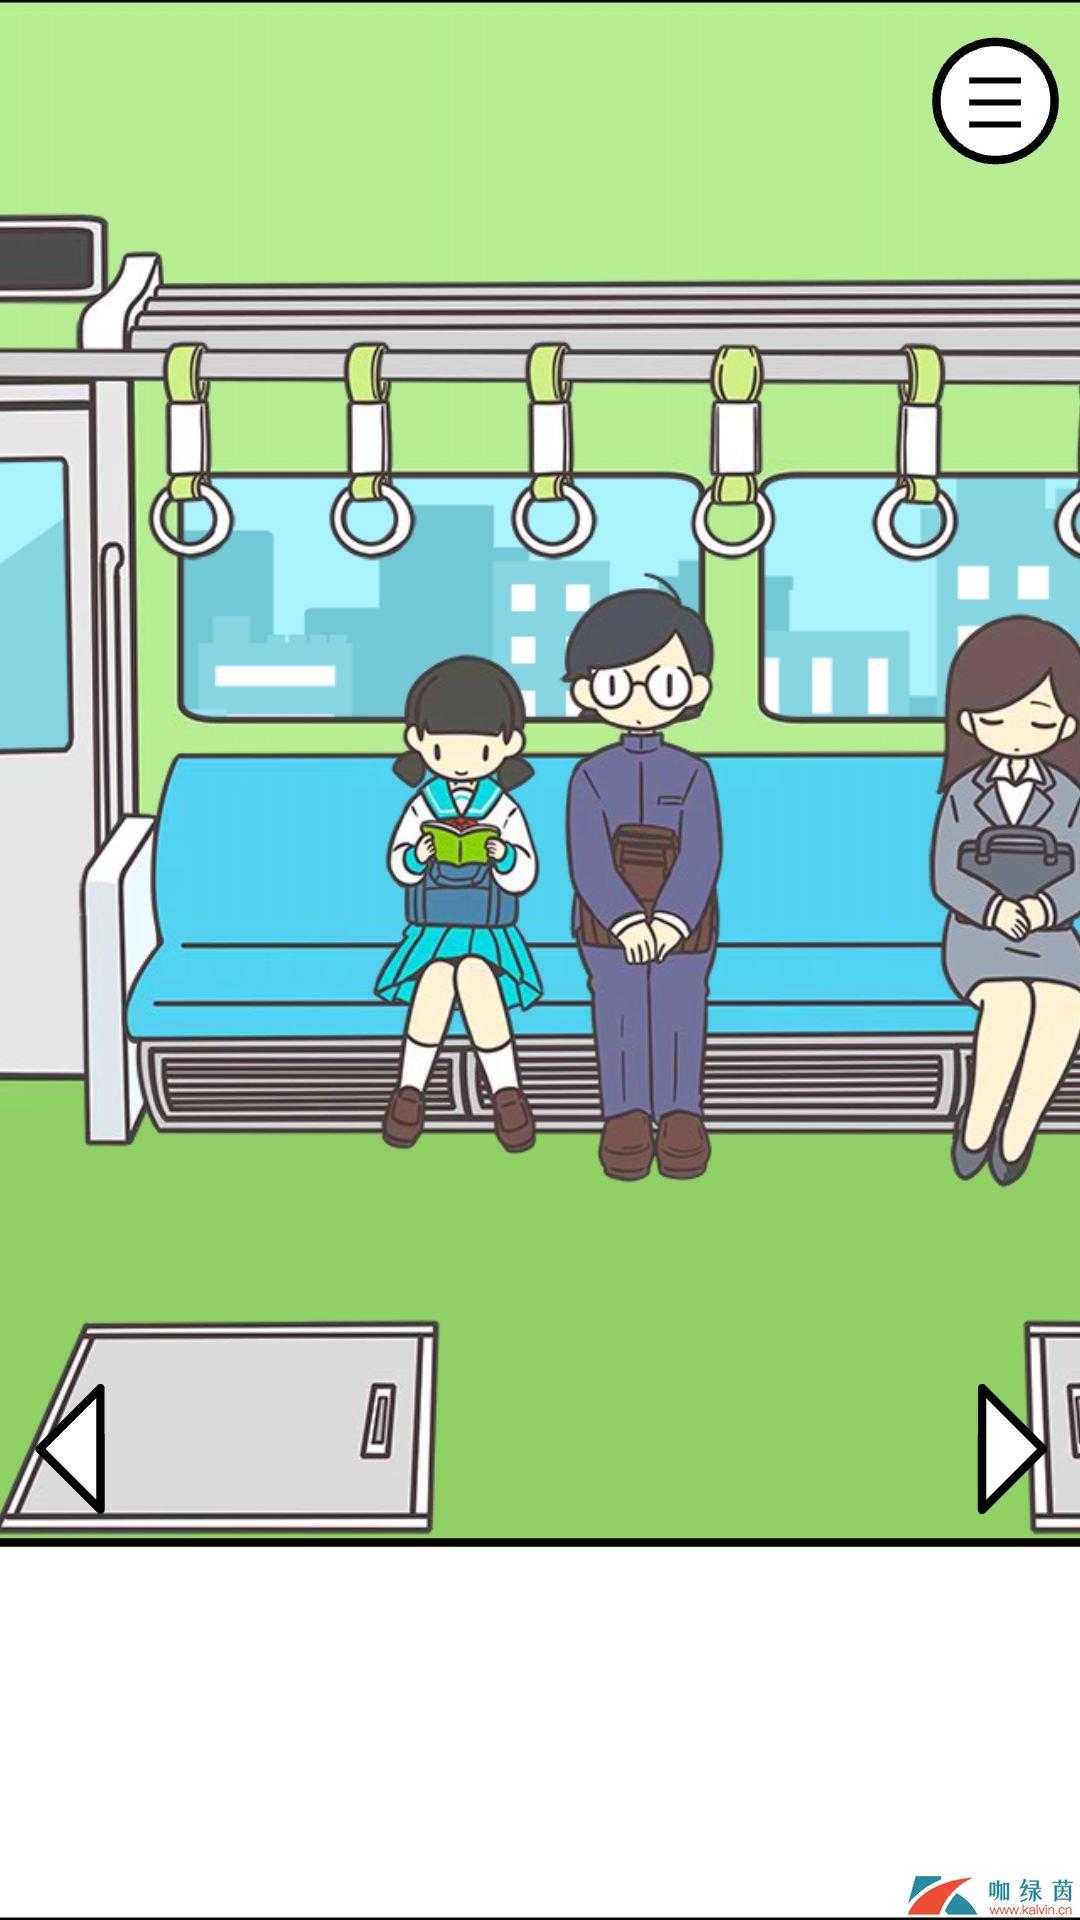 《地铁上抢座是绝对不可能的》第二关攻略